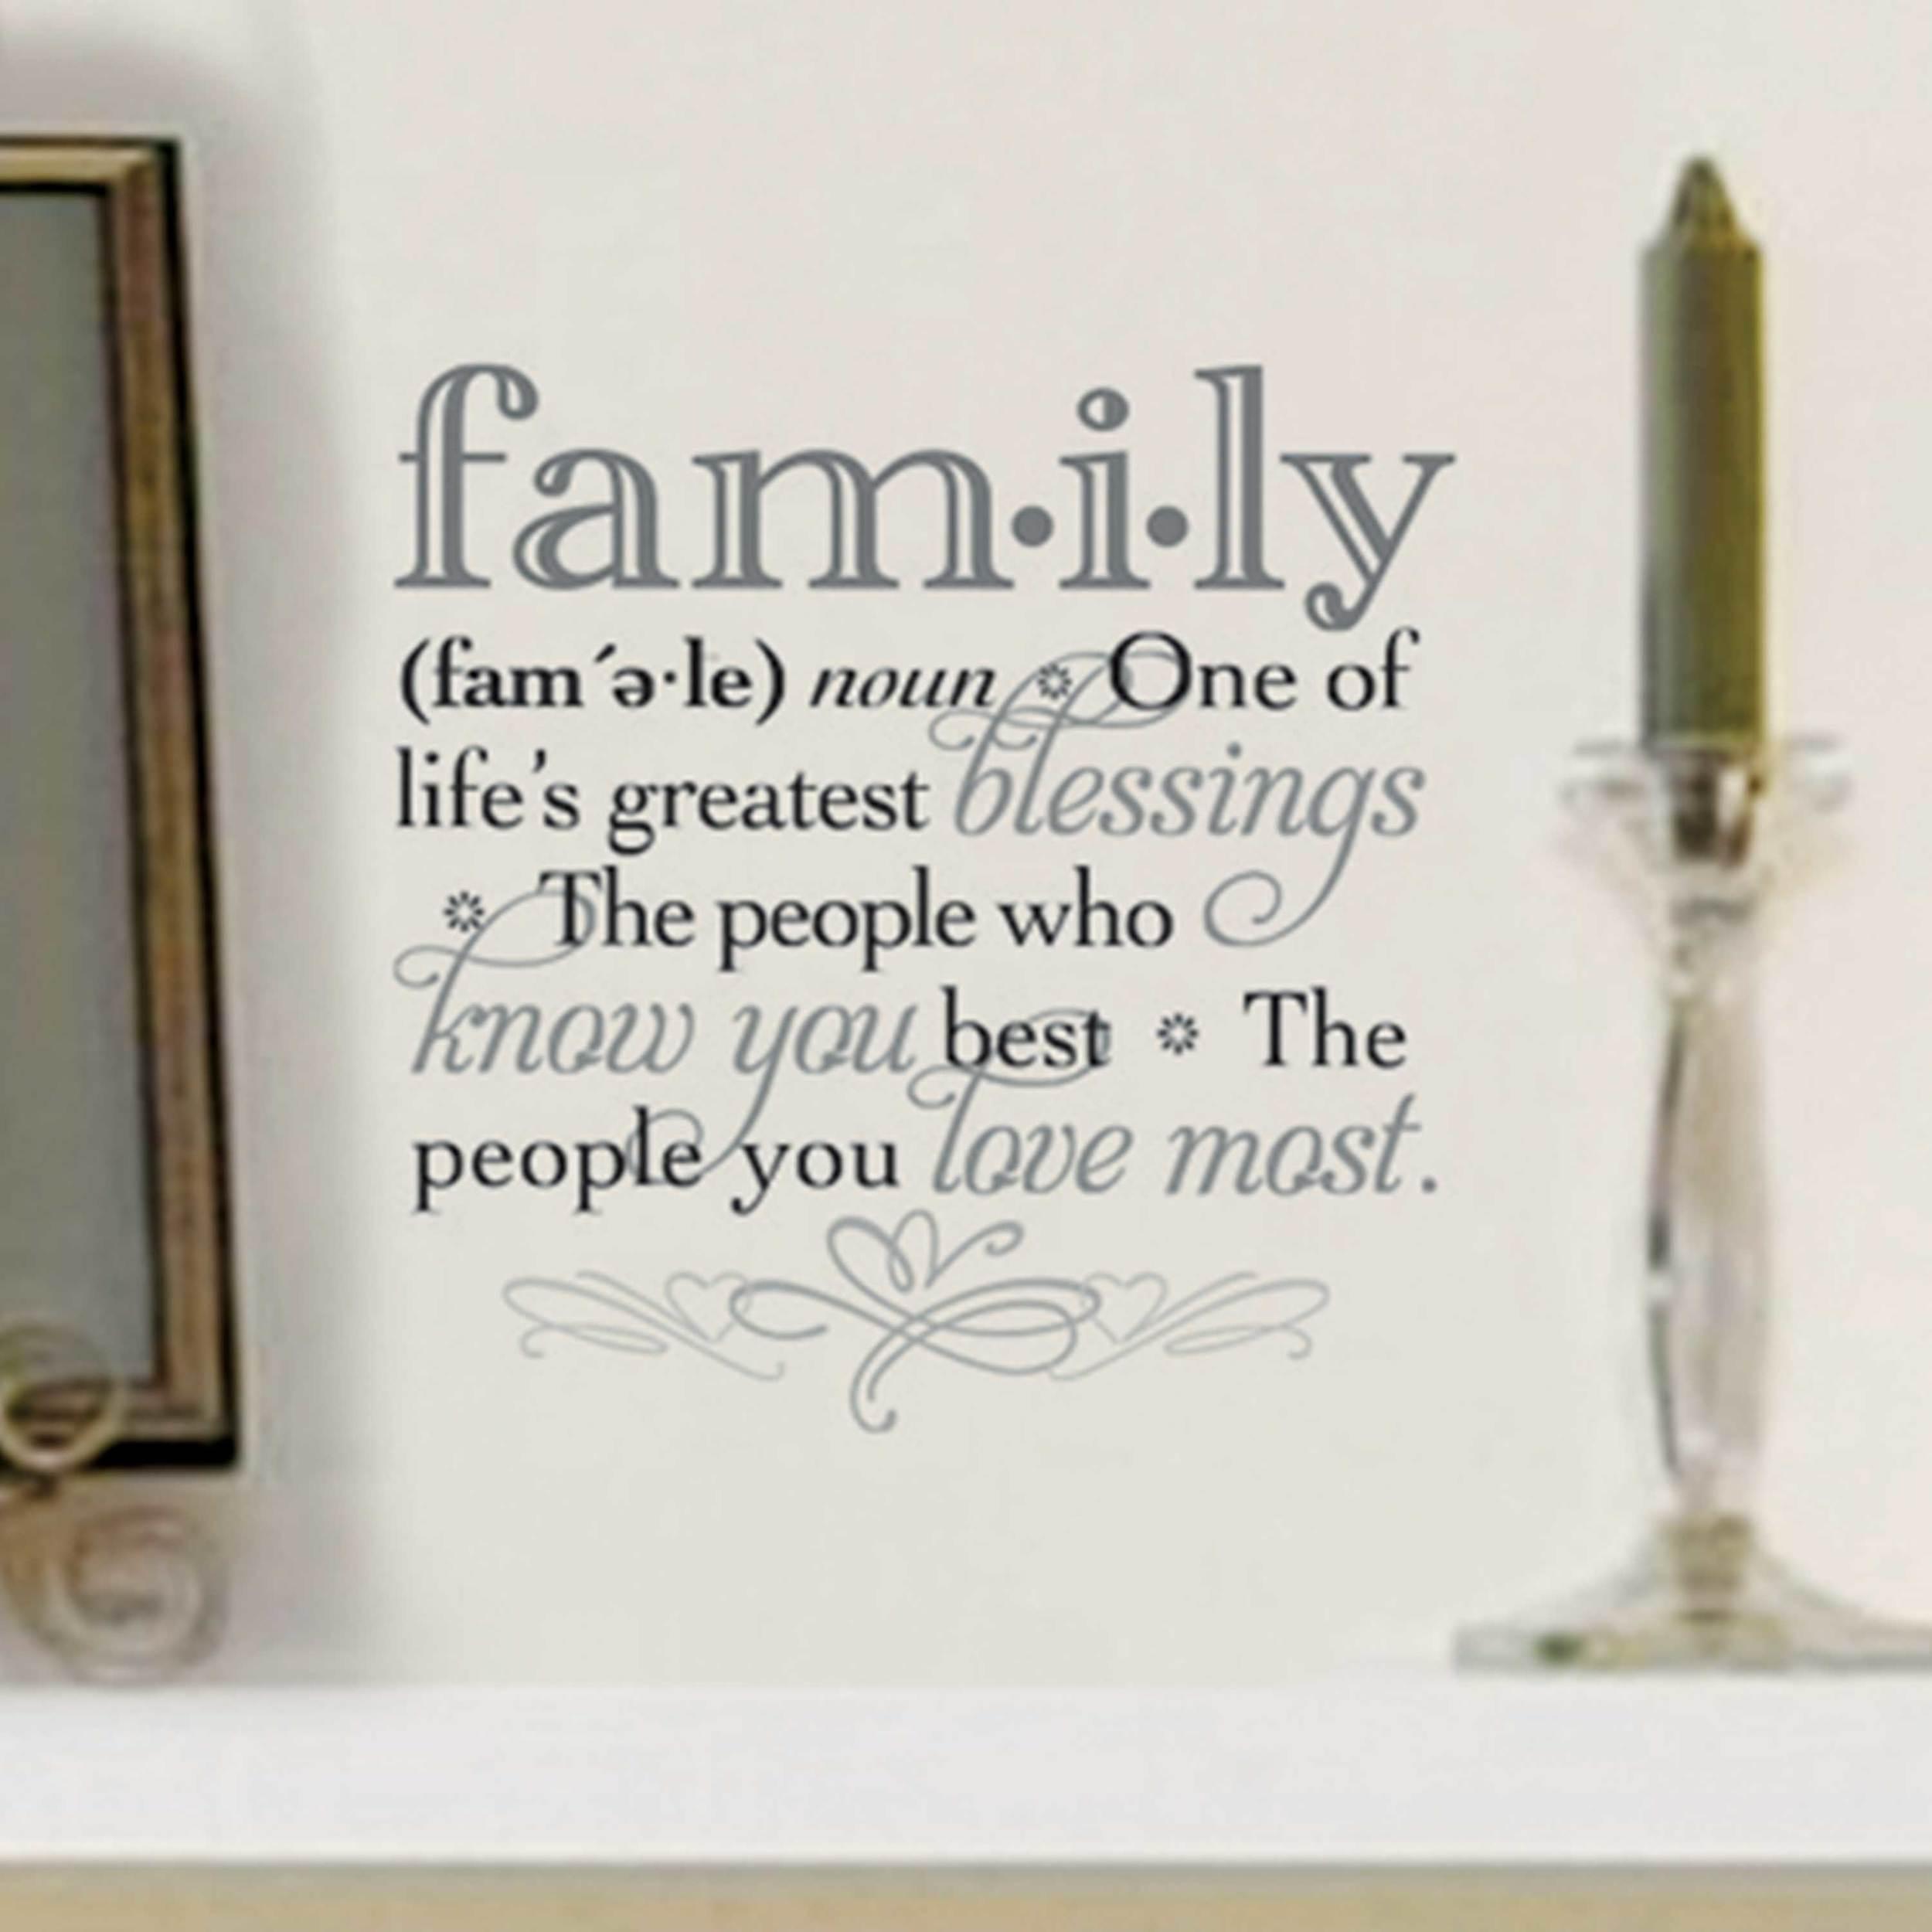 FamilyBlessing_inuse.jpg